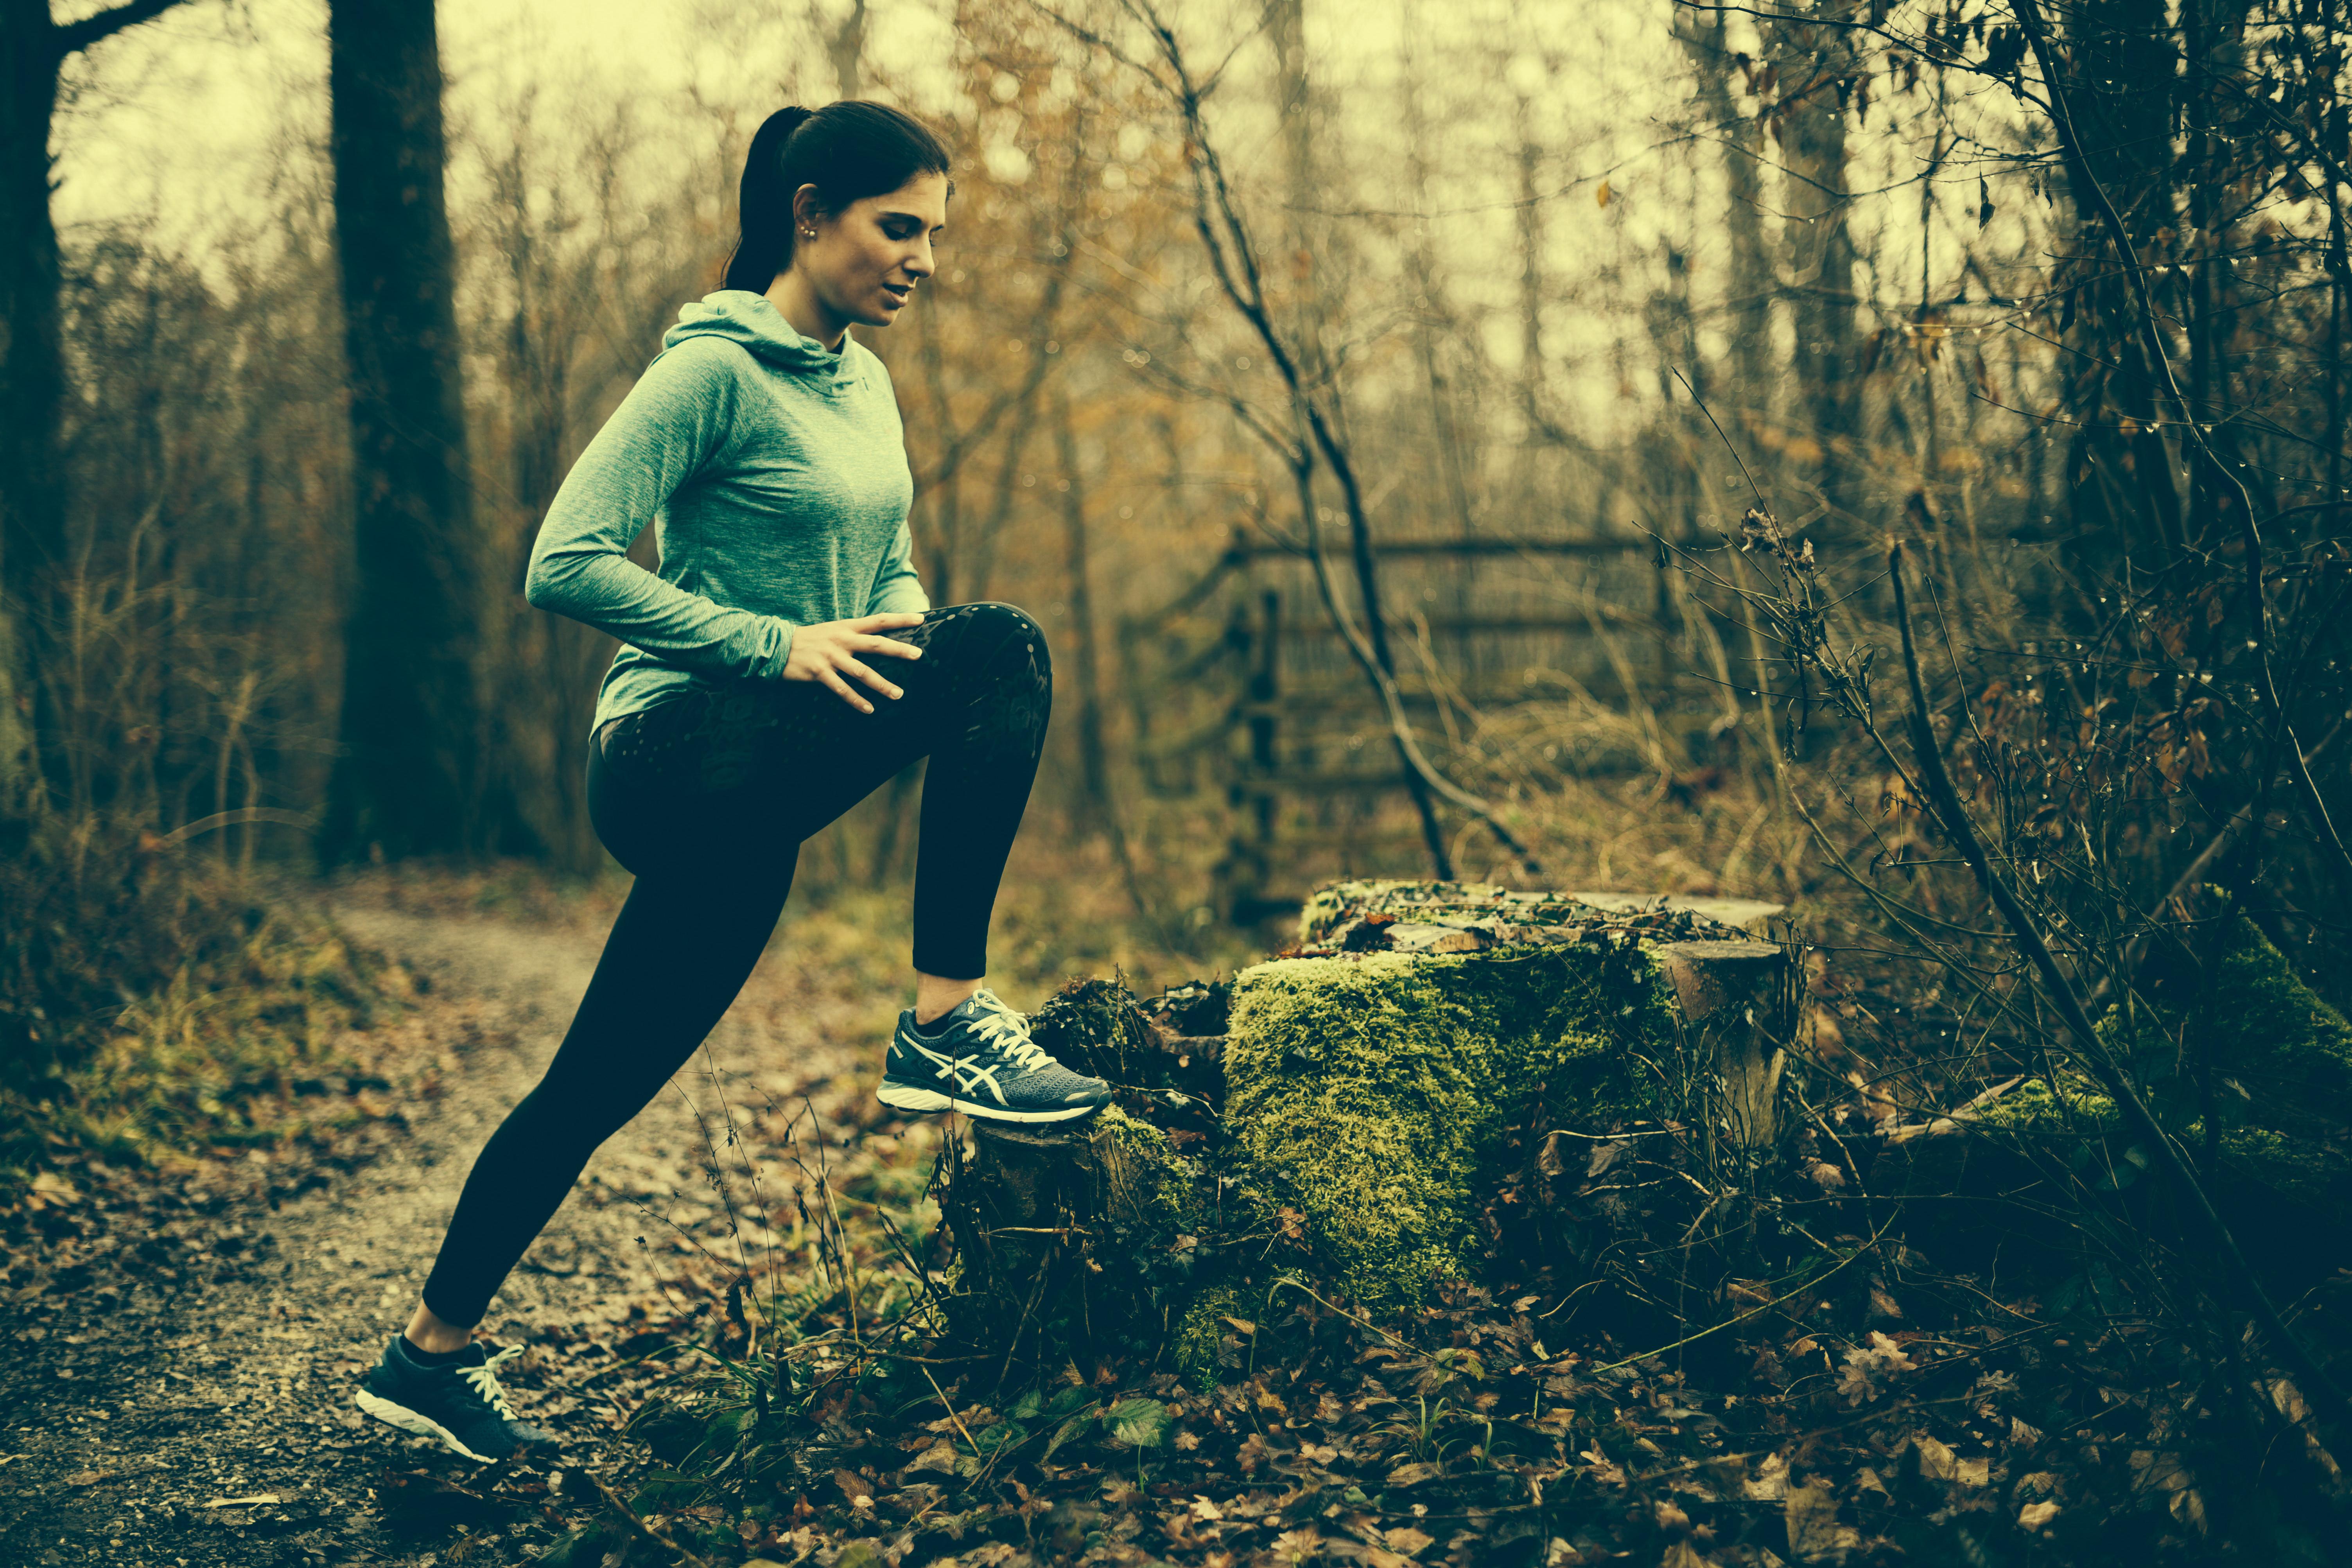 Tania am Dehnen im Wald